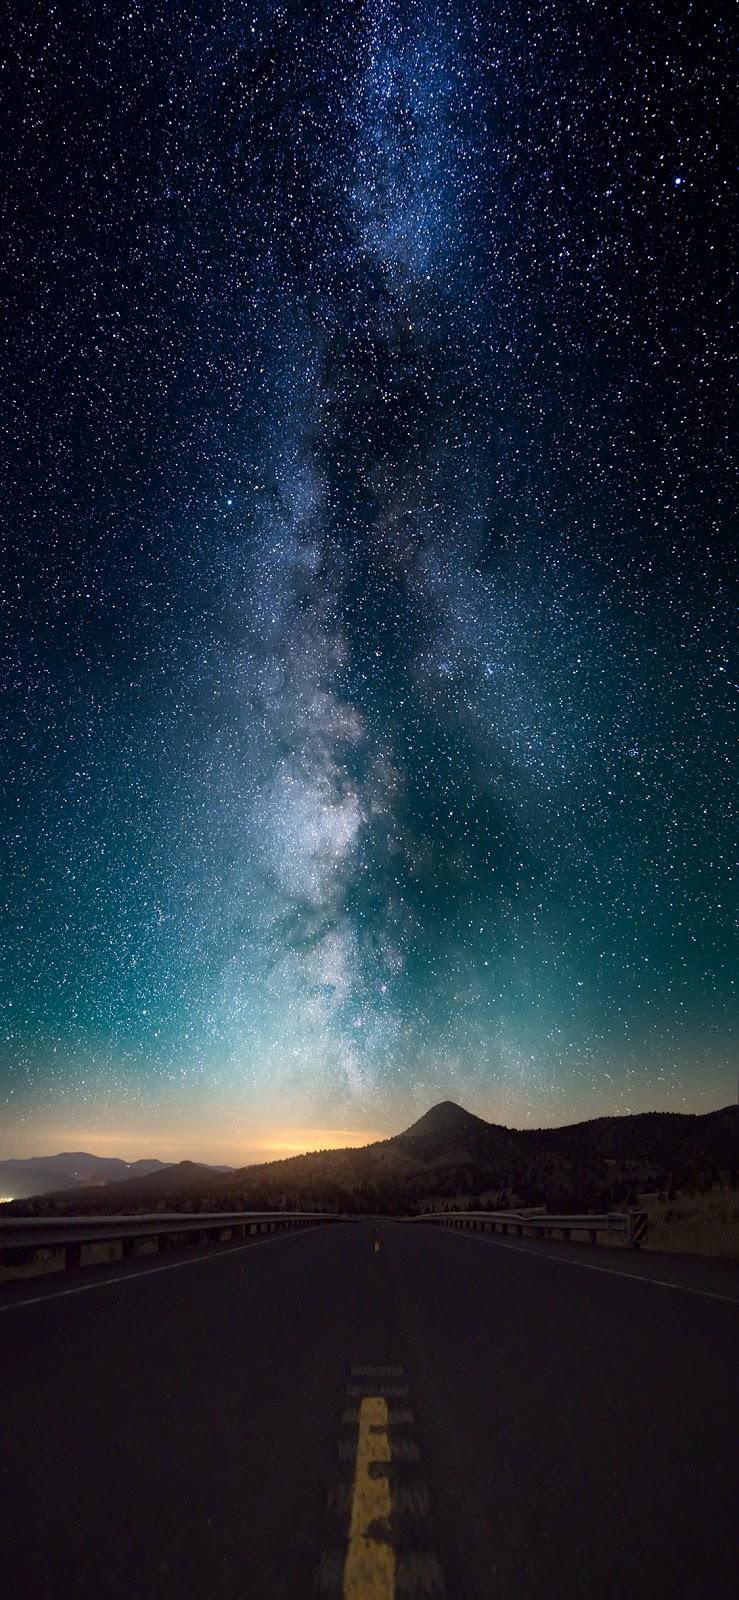 Starry night (iPhone X)